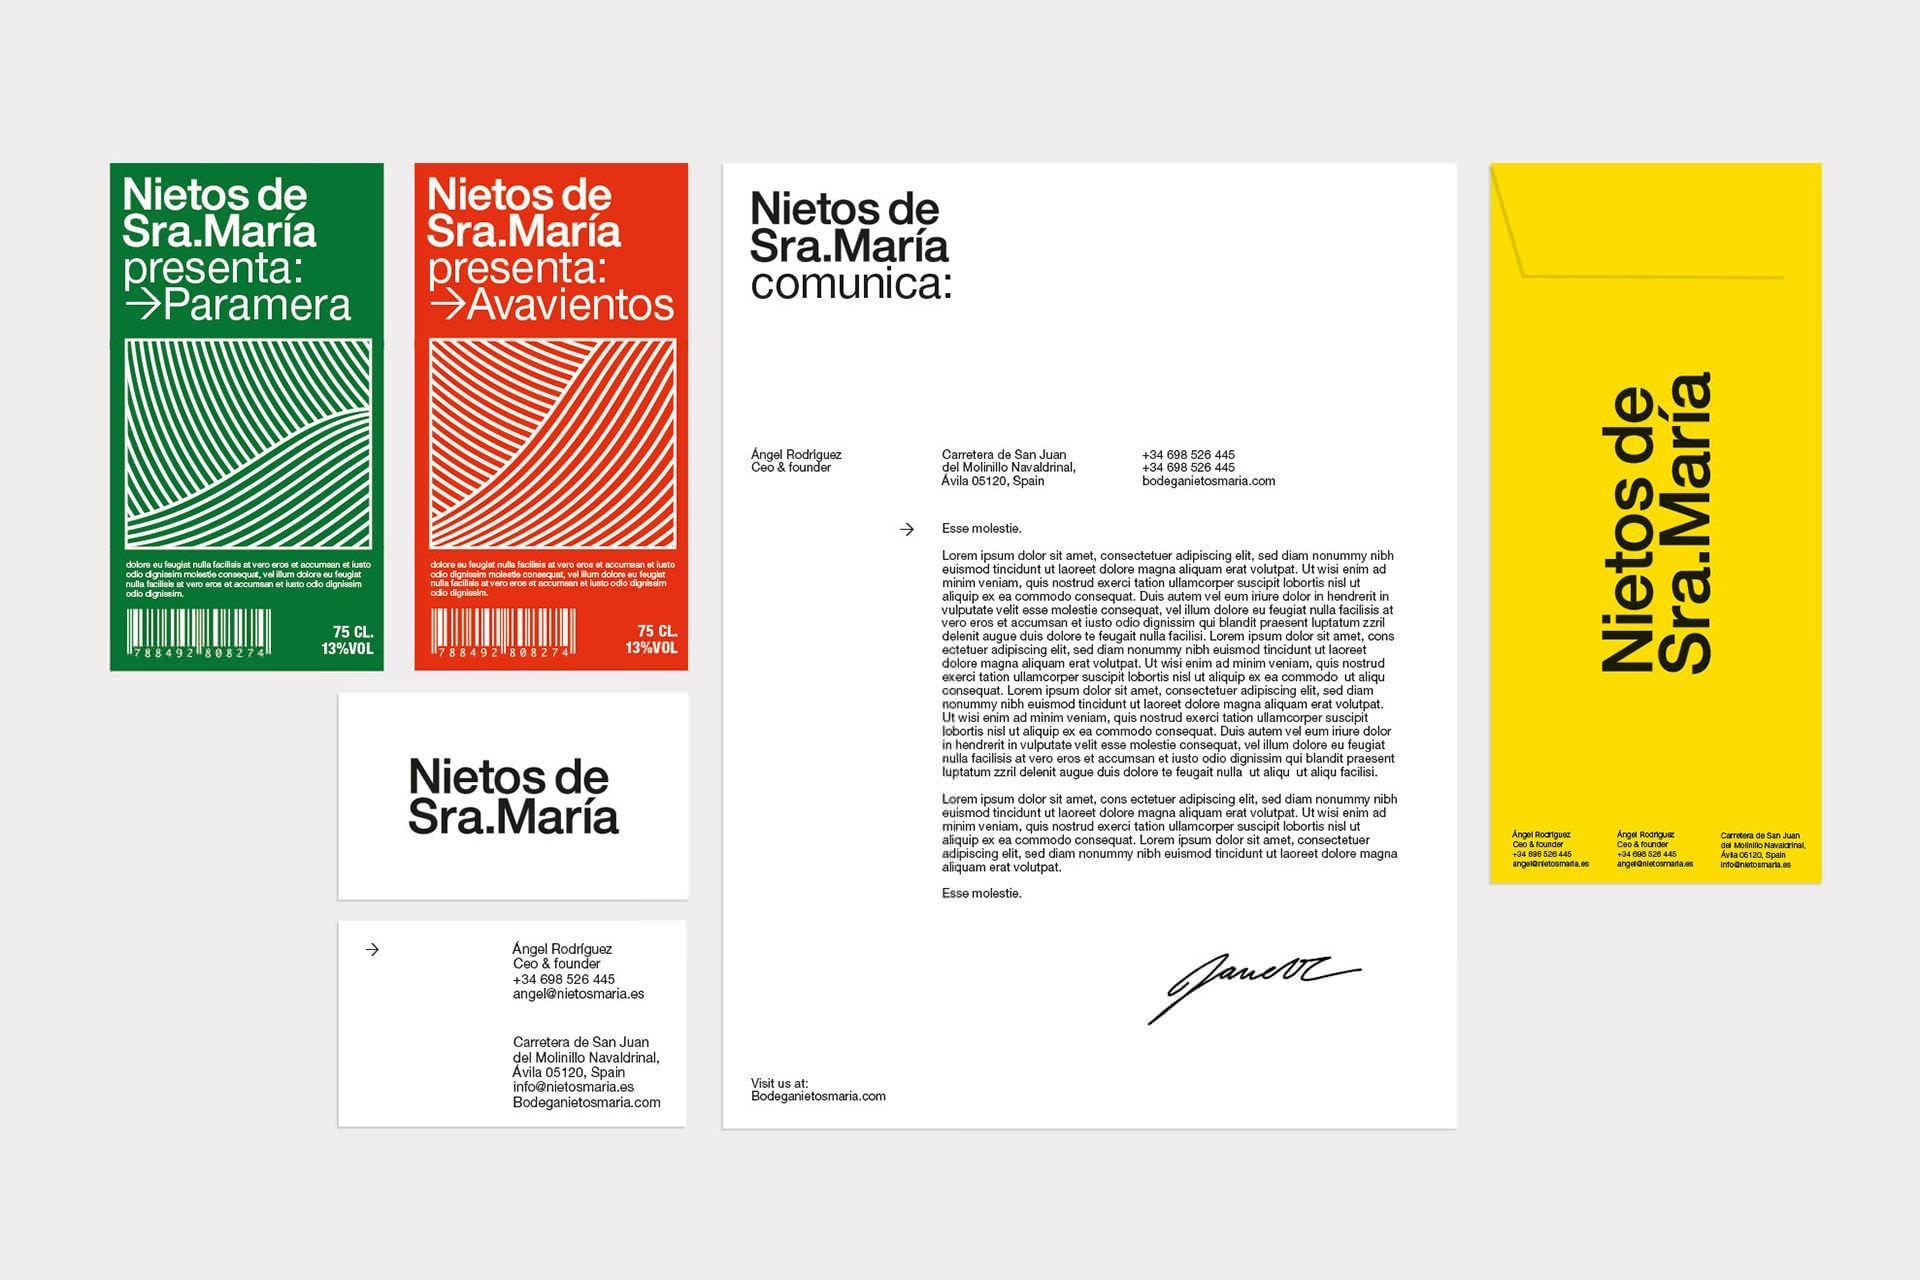 Diseño de marca e identidad visual de vinos Nietos de Sra María, 2018